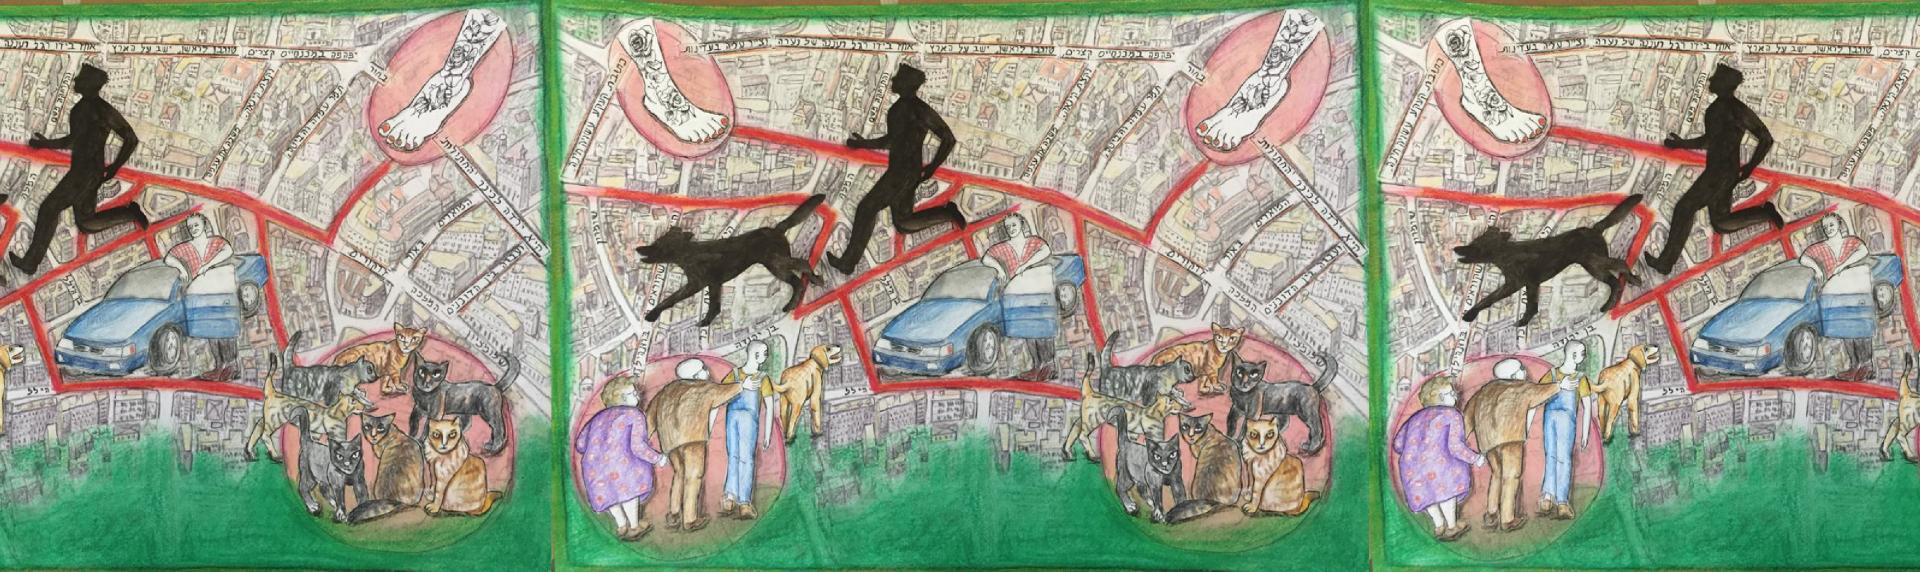 Ілюстрації Ліори Вайз до роману Давида Гроссмана «Із ким би побігати»